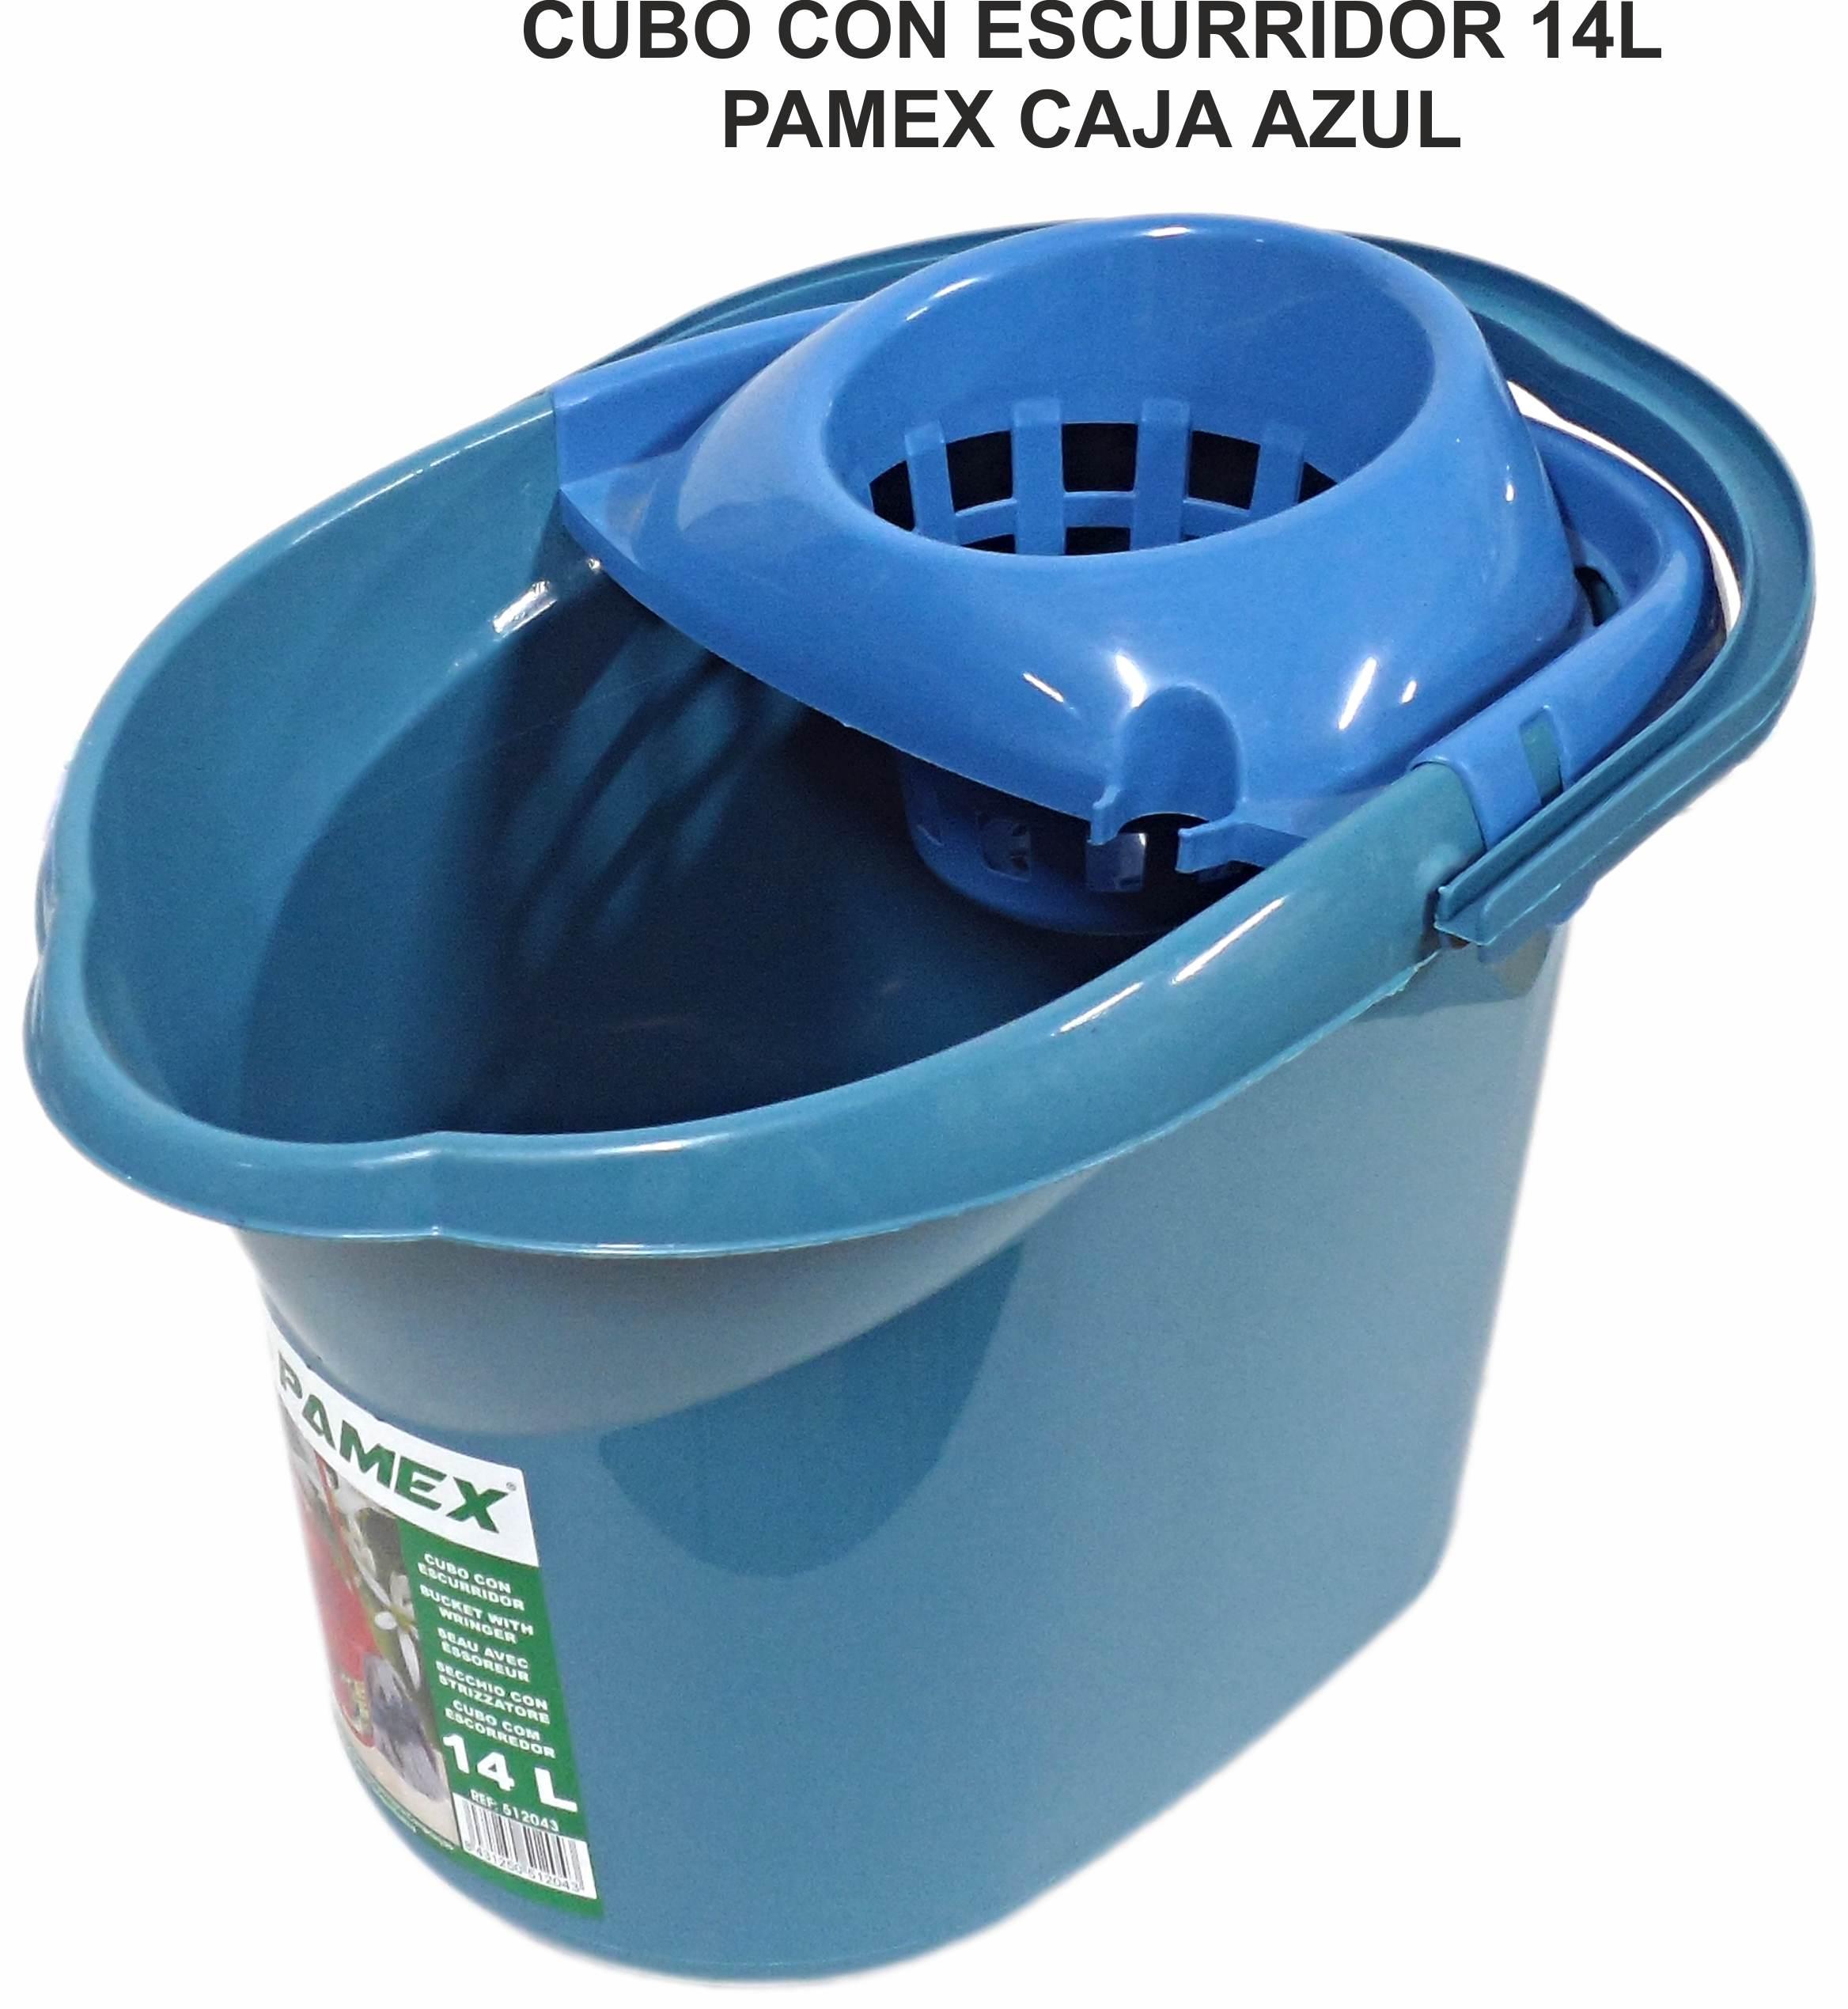 CUBO CON ESCURRIDOR 14 L PAMEX CAJA AZUL